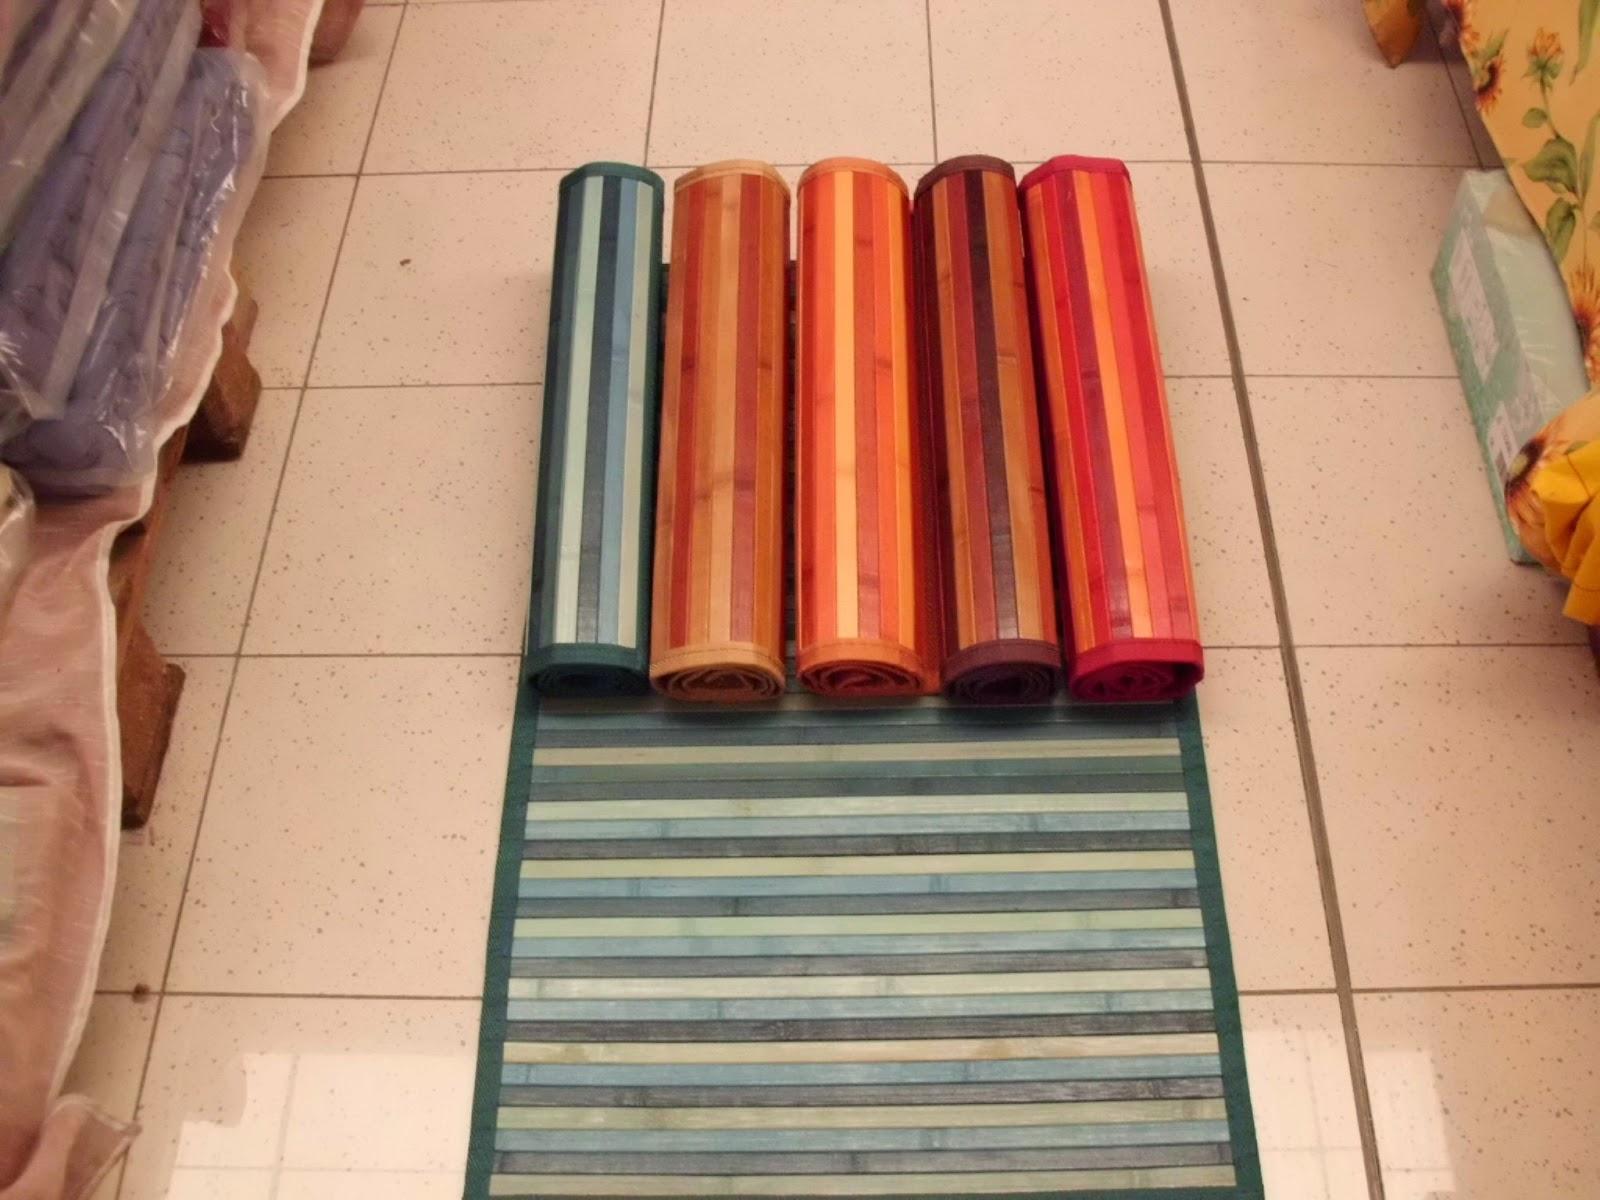 1 di 3 tappeto cucina in legno bamboo vintage unito rosso. sono